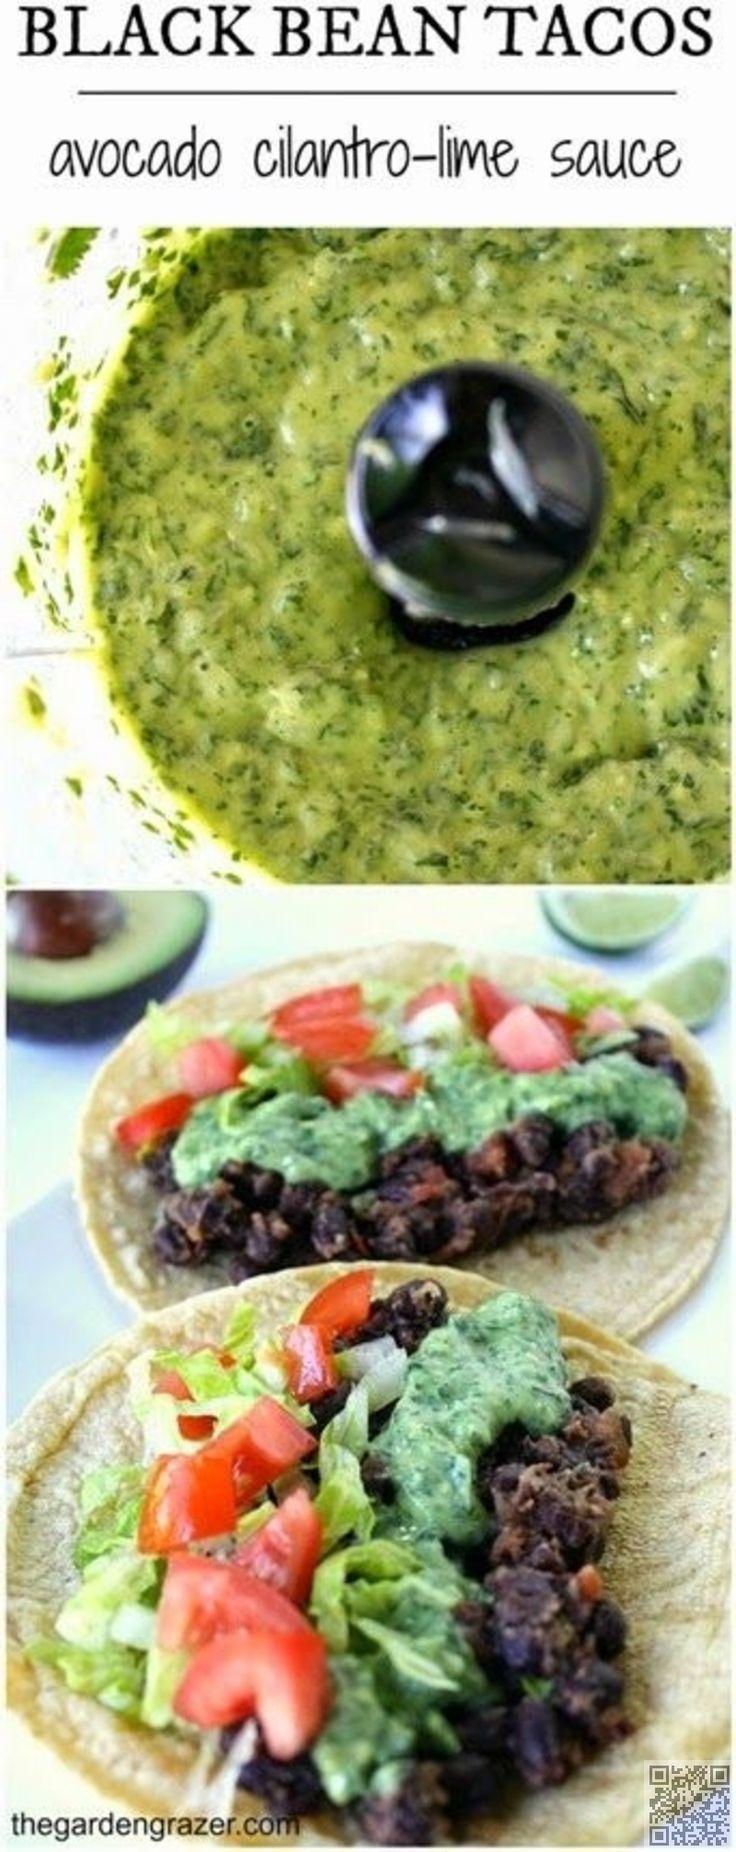 Black Bean Tacos with Avocado Cilantro Lime Sauce